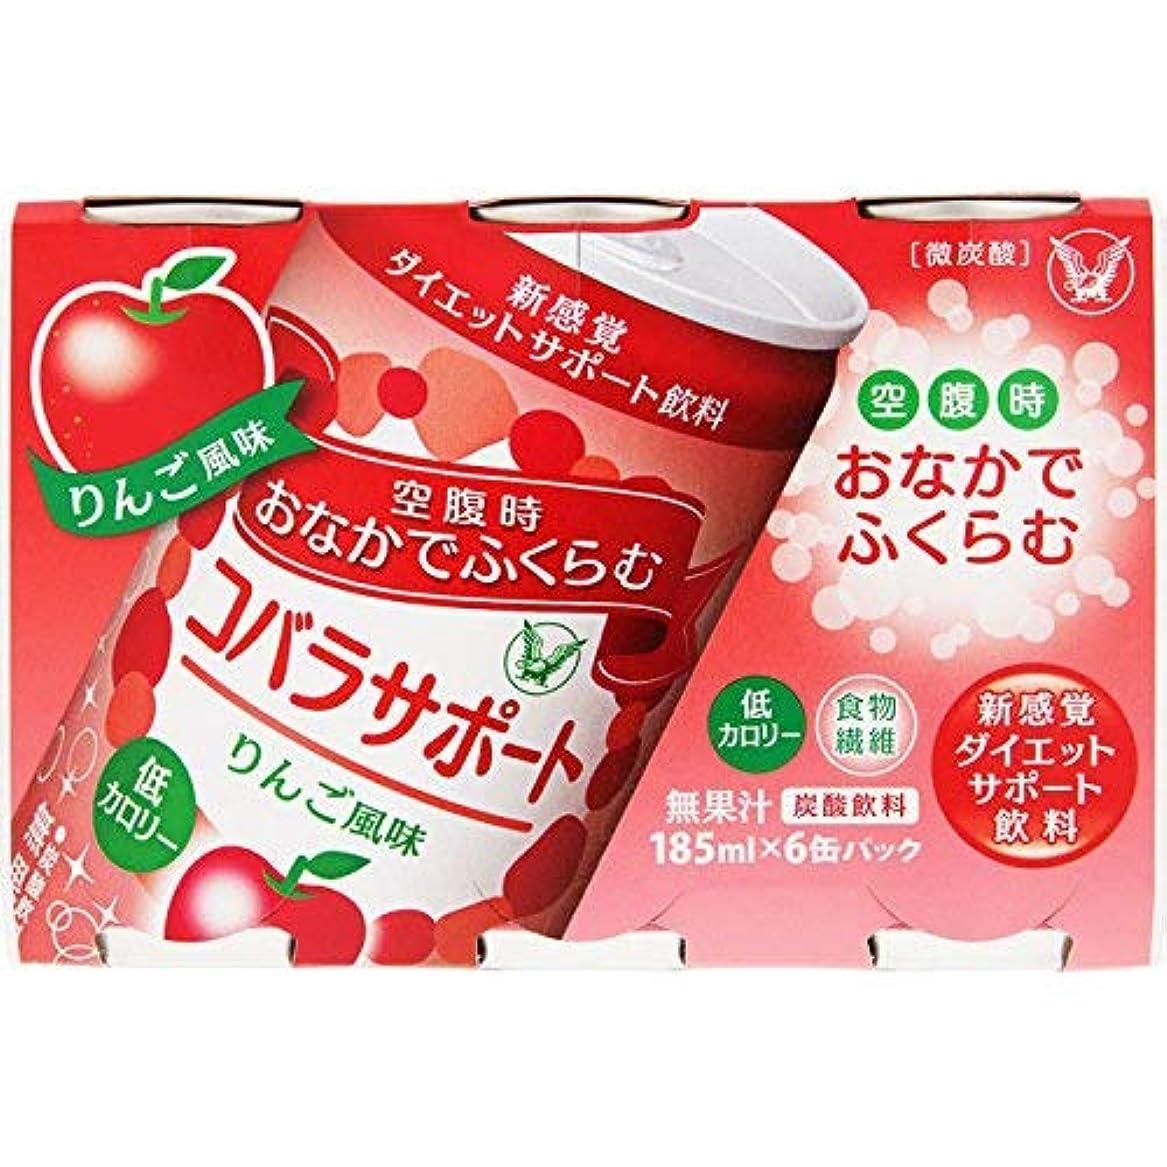 ストレス冷える大臣大正製薬 コバラサポート りんご風味 6缶